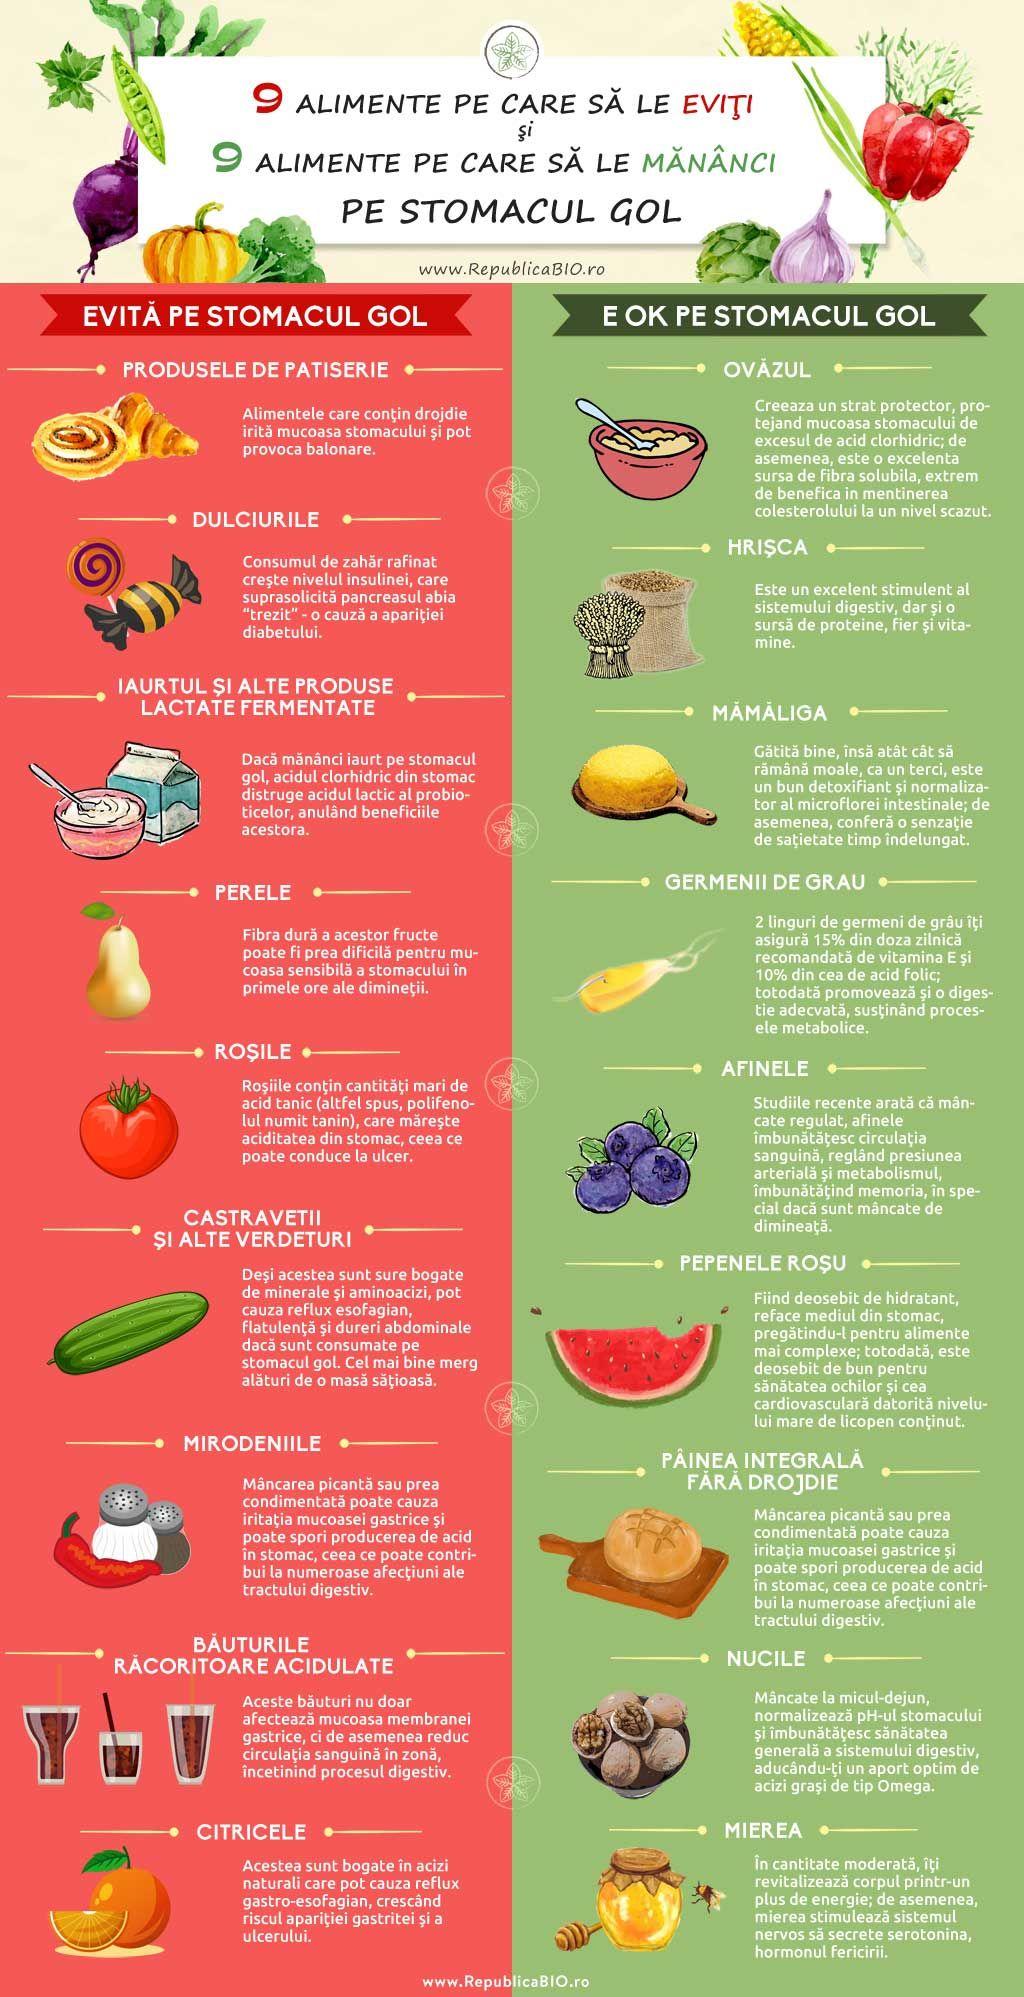 cinci sfaturi pentru pierderea în greutate sănătoasă